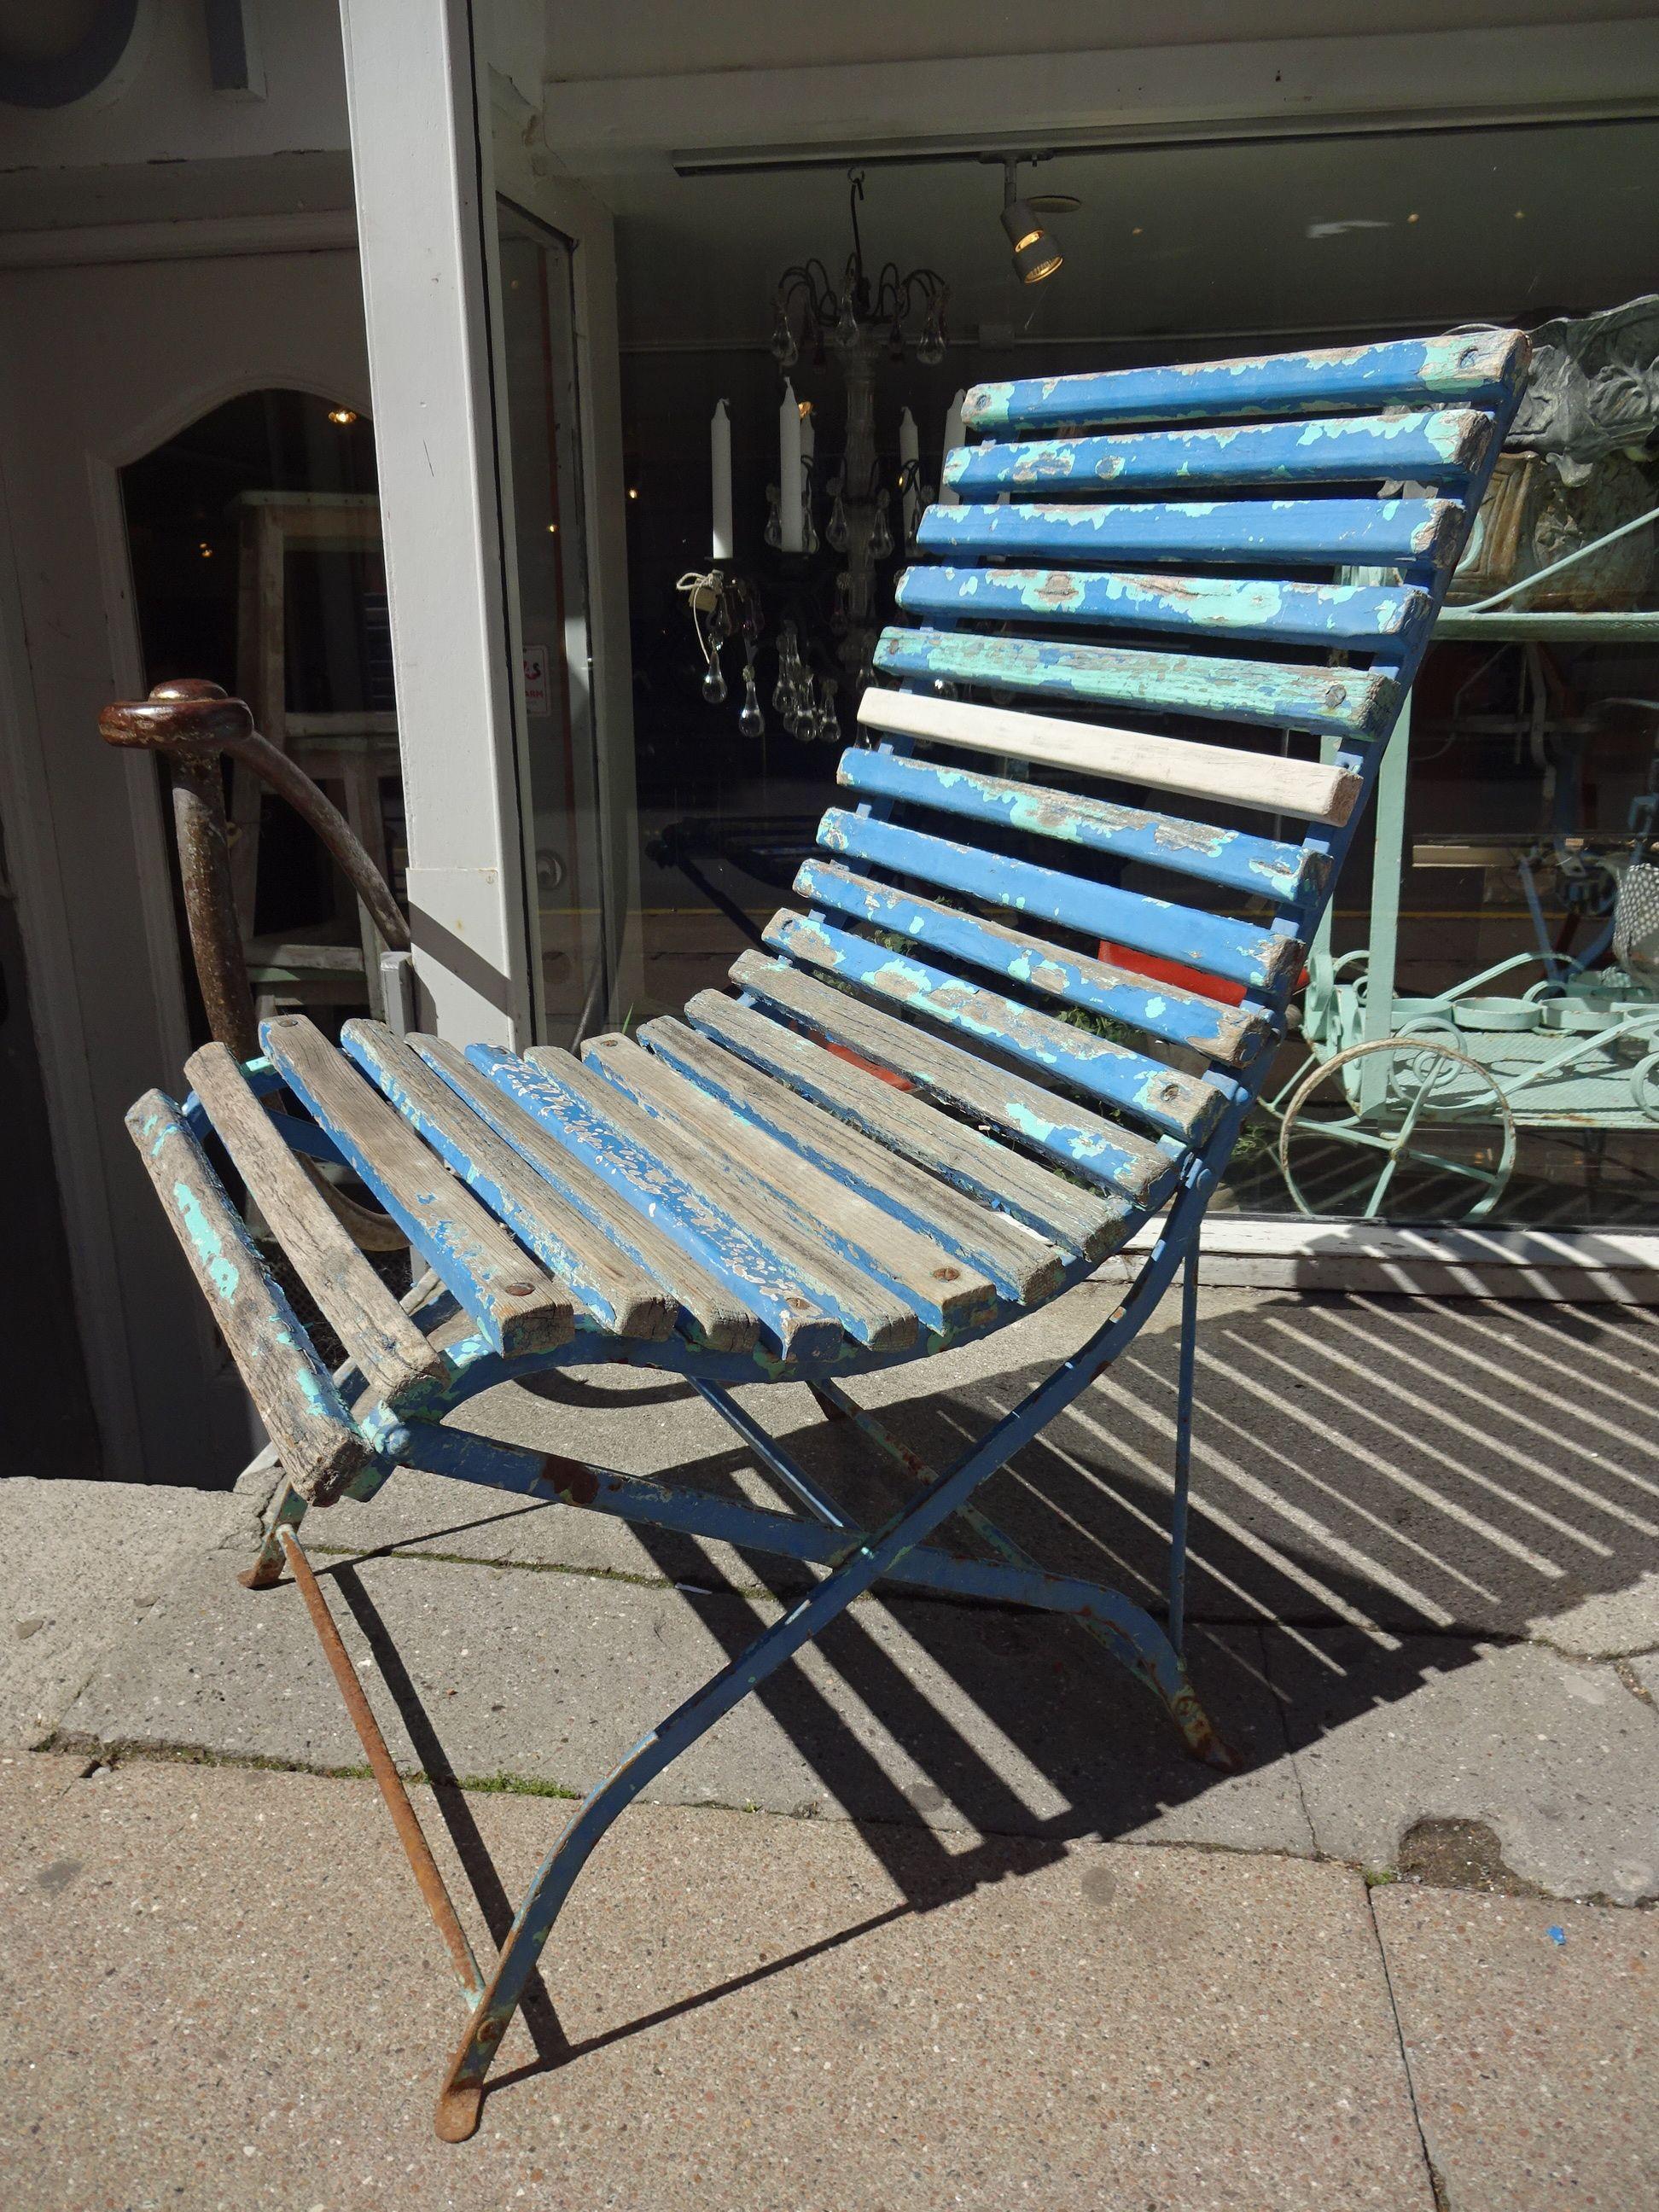 Gammel fransk havestol i smedejern og med tremmer i træ. Stolen fremstår i de smukkeste blå nuancer efter mange års brug. Lækker lækker patina!